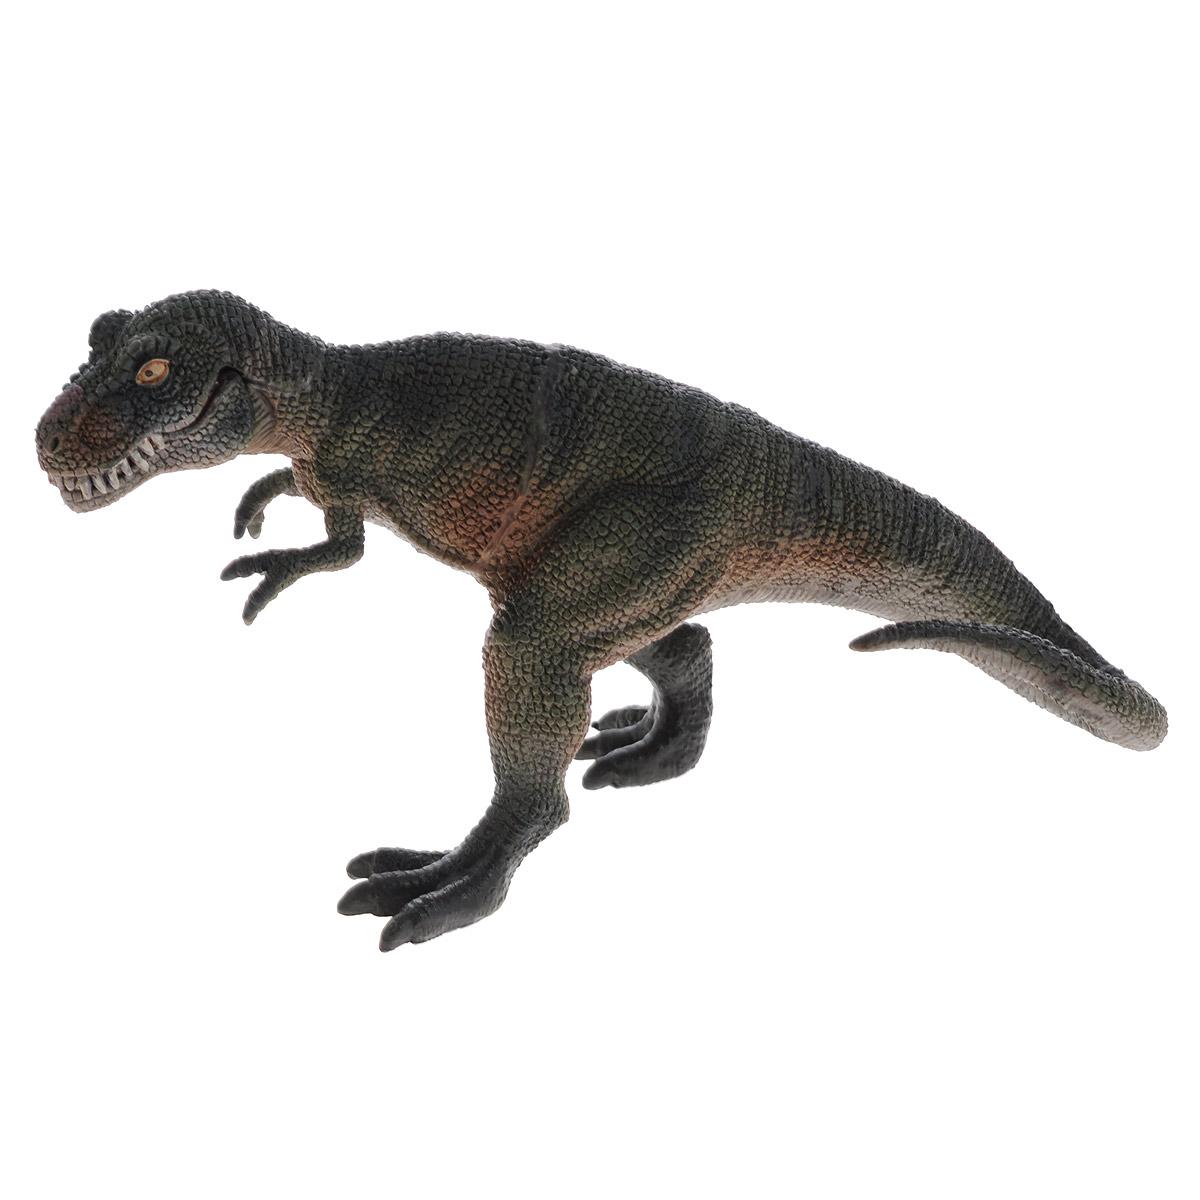 Фигурка Megasaurs Тираннозавр с двигающейся пастью, цвет: серый, темно-зеленыйSV11025_серый, темно-зеленыйБольшая фигурка динозавра Megasaurs выполнена из высококачественного материала, внешний вид динозавра основан на реальных палеонтологических данных. Тираннозавр, пожалуй, самый известный из древних ящеров. Этот грозный хищник достигал 12 метров в длину, а его острые зубы представляли смертельную опасность. Жил в конце Мелового периода, закончив свое существование во время катаклизма, положившего конец эре динозавров. Фигурка тираннозавра функциональная, пасть открывается, придавая динозавру устрашающий вид.